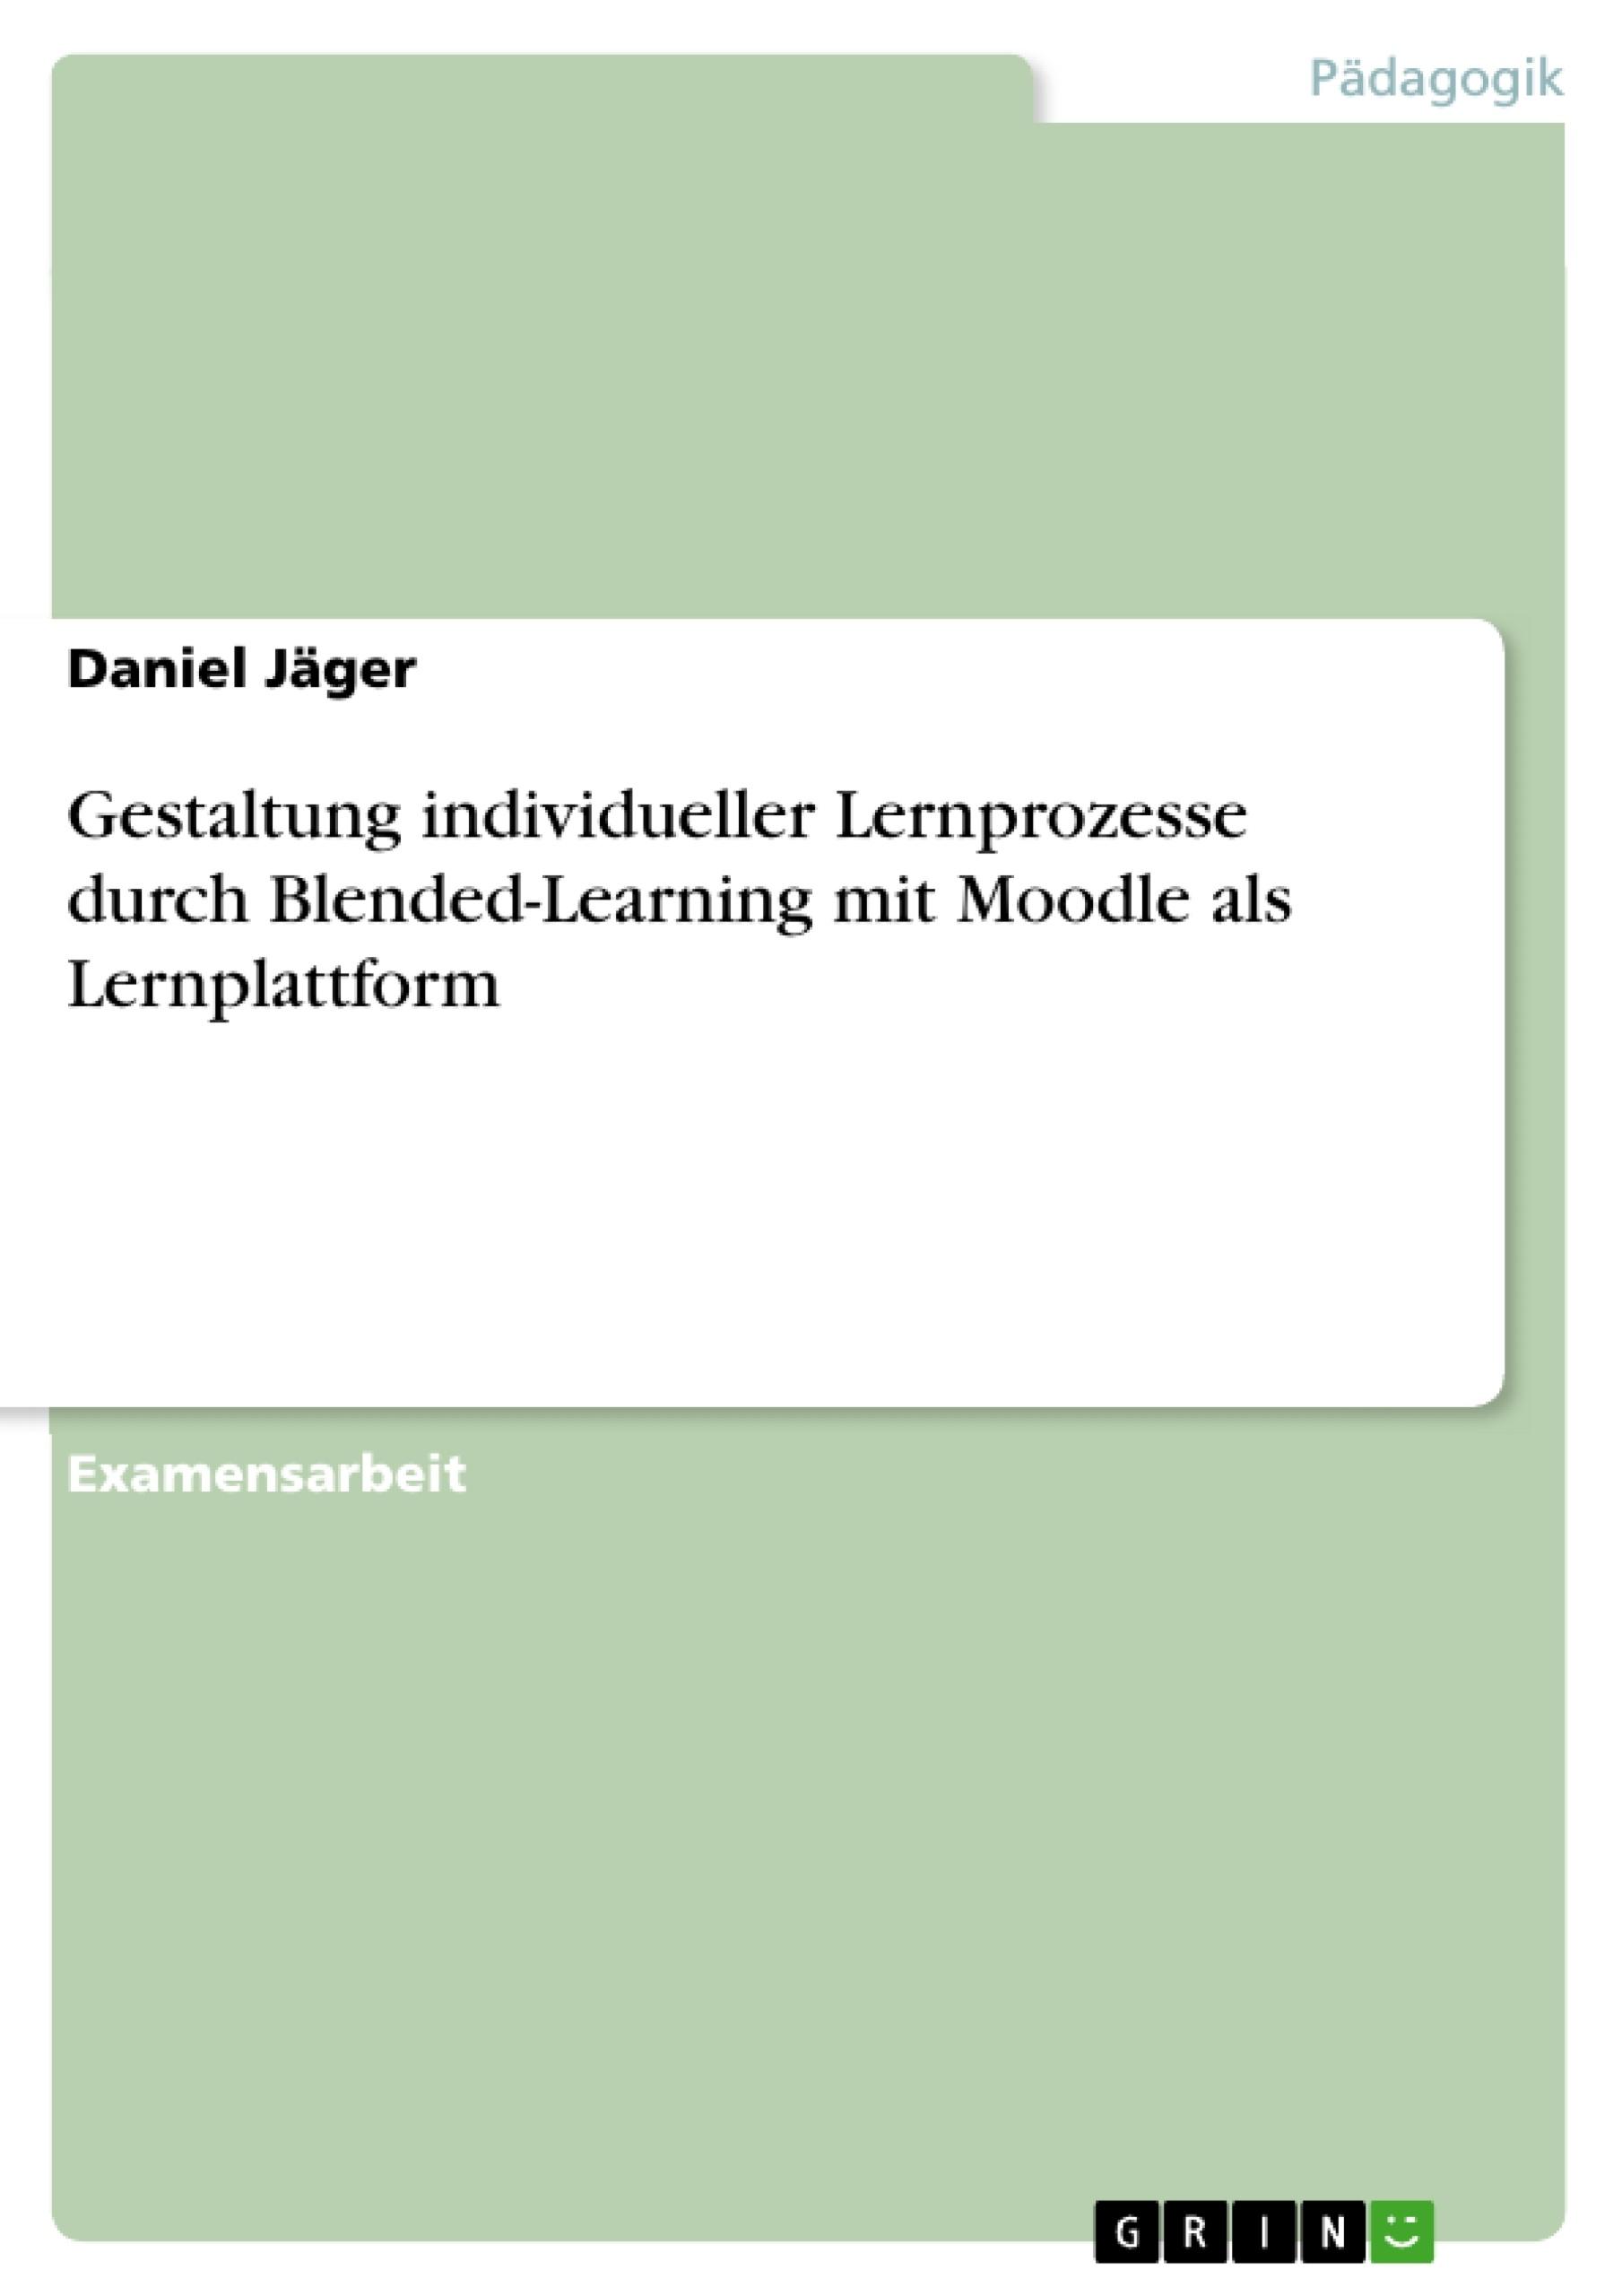 Titel: Gestaltung individueller Lernprozesse durch Blended-Learning mit Moodle als Lernplattform